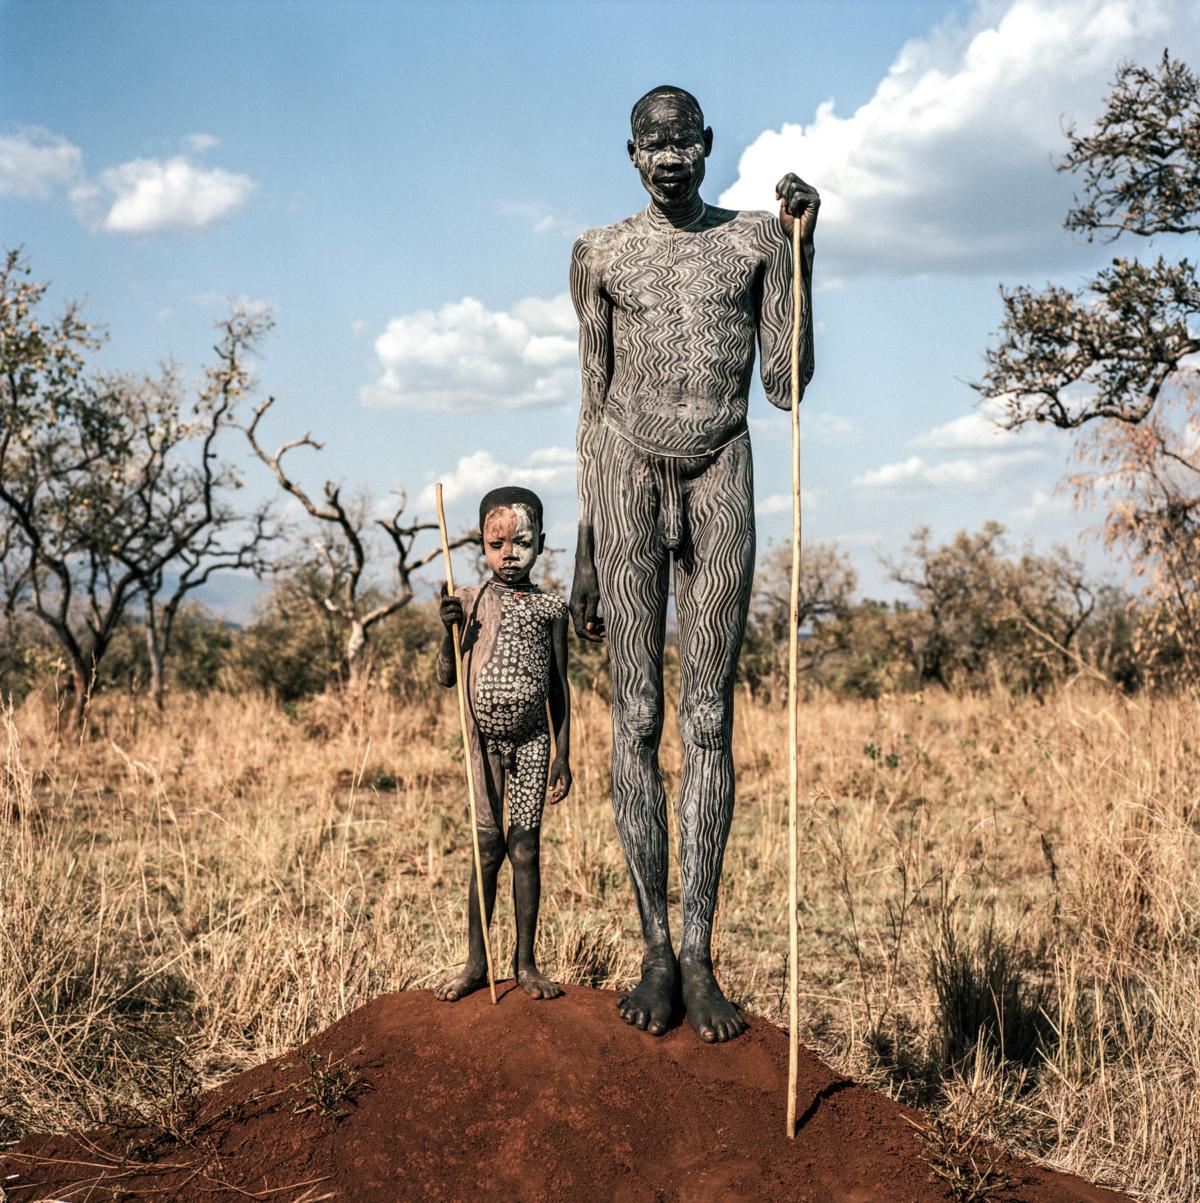 Surmas #7, Ethiopie, 2011 Photographie Fine Art print sur papier Hahnemühle 100 x 100 cm, SG-SU07 ©Stephan Gladieu